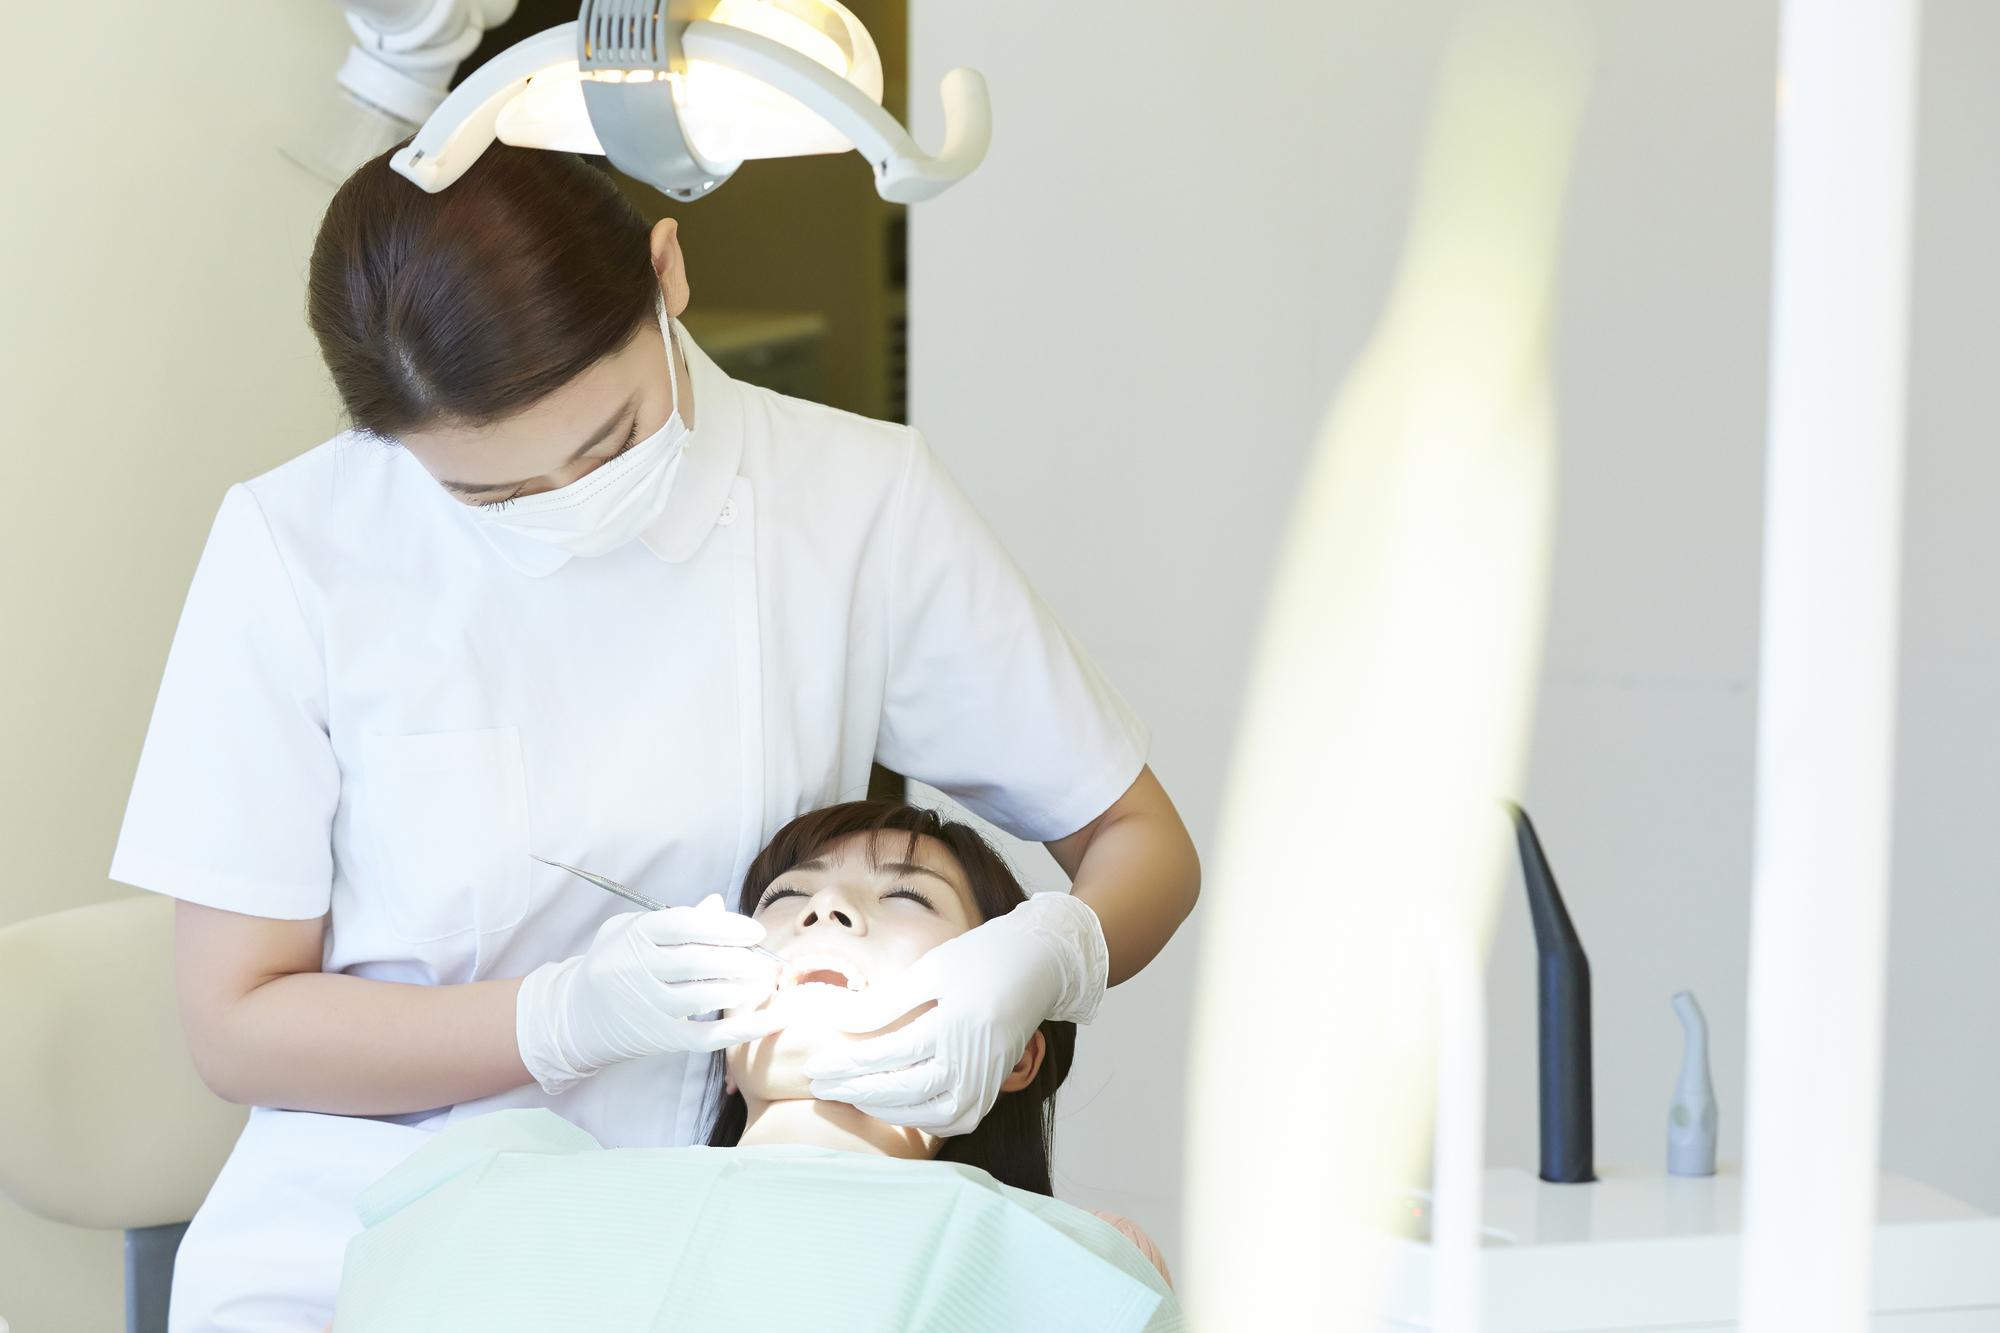 歯科治療を受ける女性患者